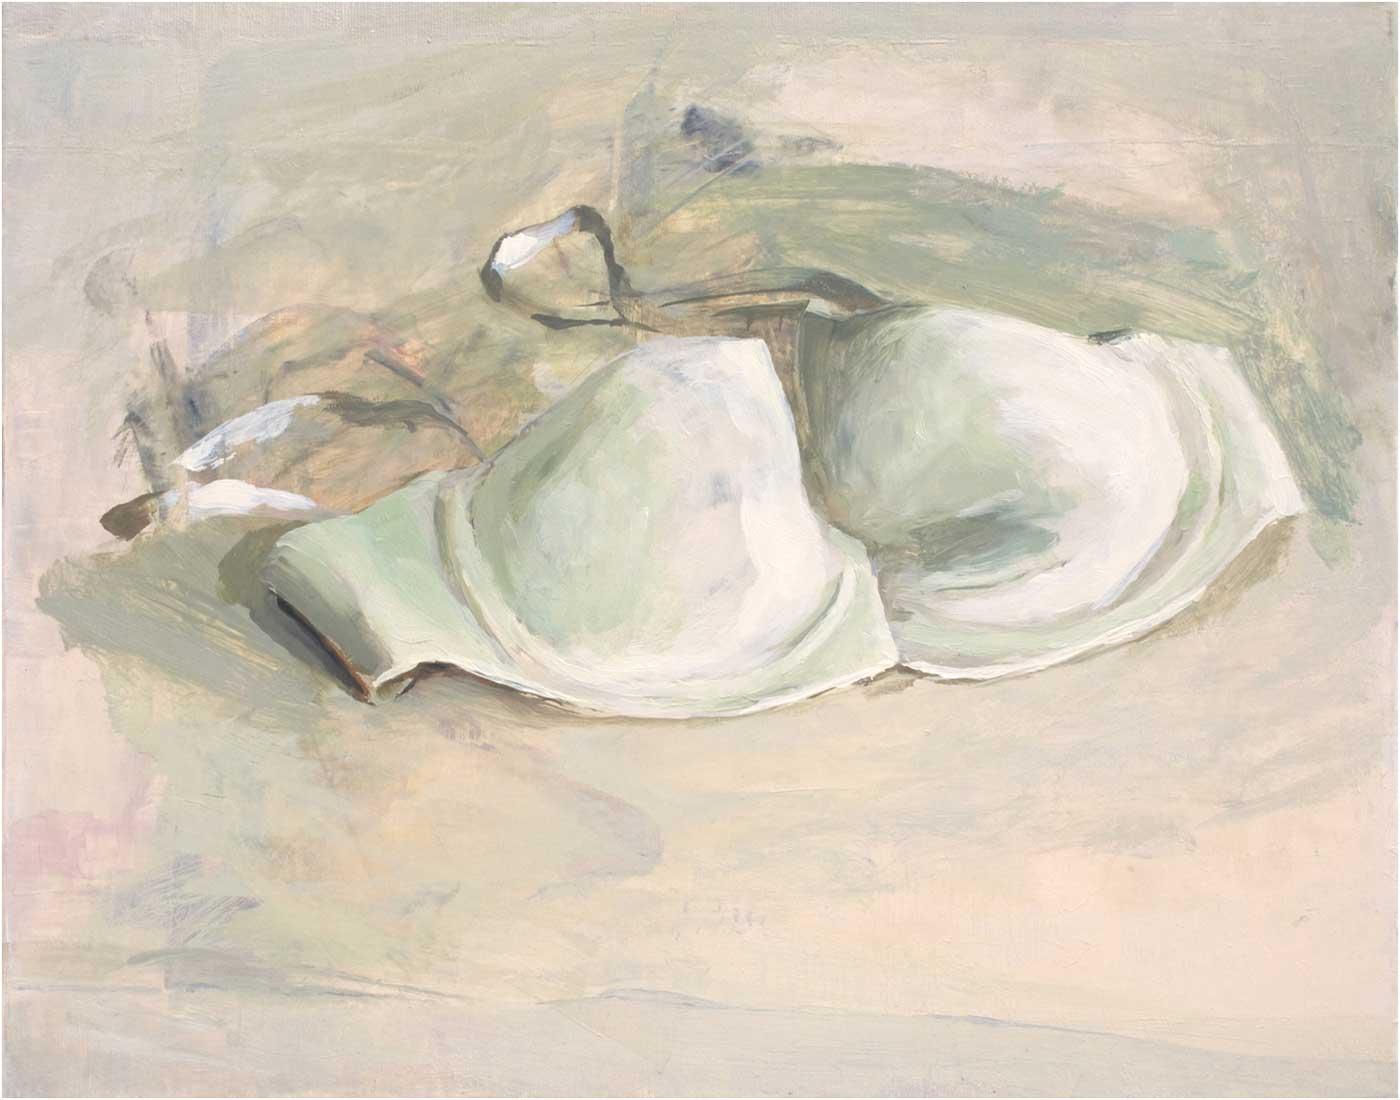 BH, 40 x 40 cm, Öl/Lwd, 2009